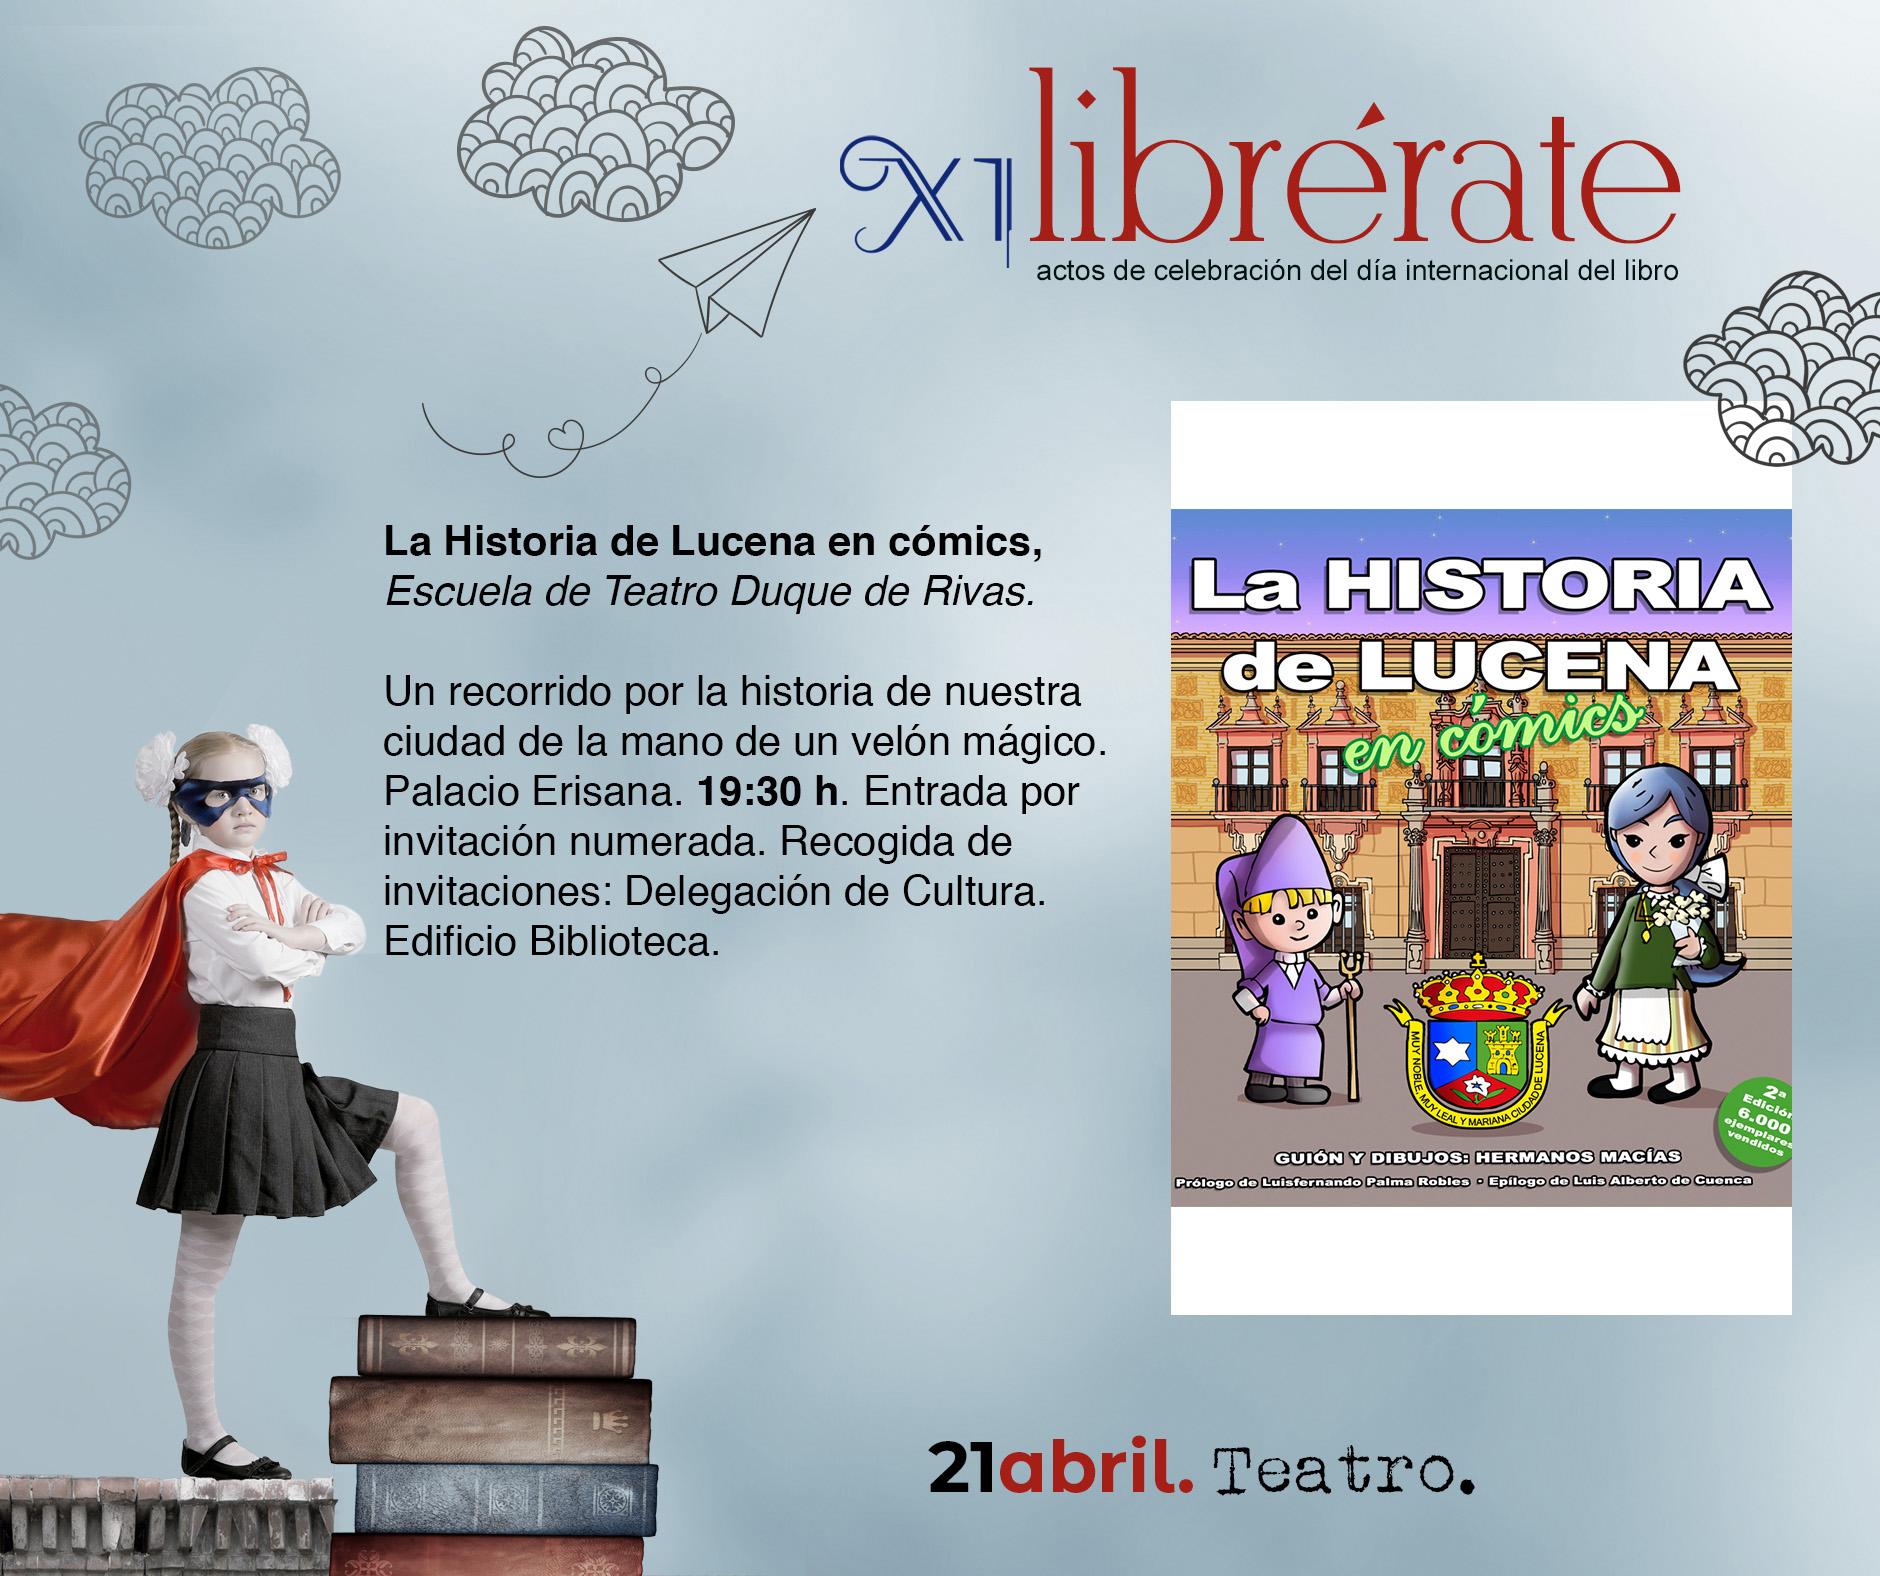 La Historia de Lucena en cómic @ Palacio Erisana